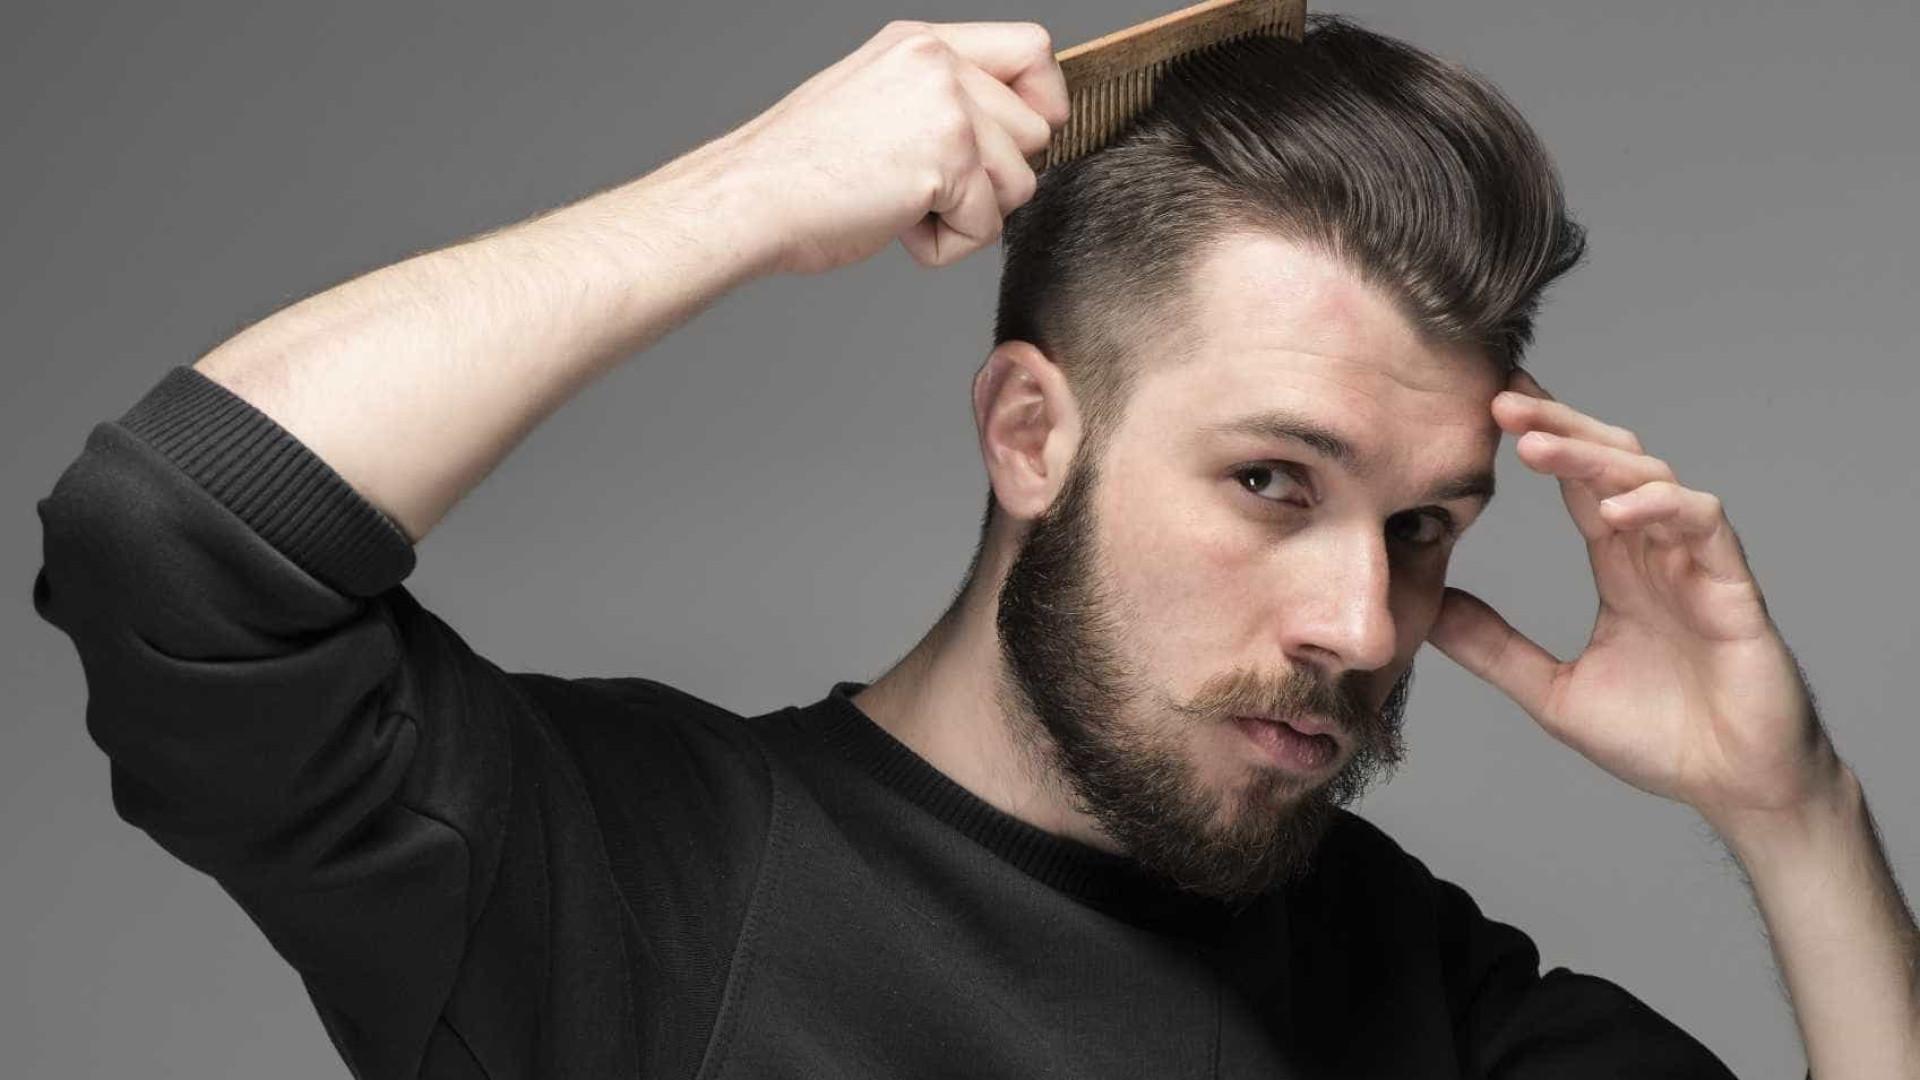 Caspa na barba? Eis cinco dicas para evitar e tratar este problema